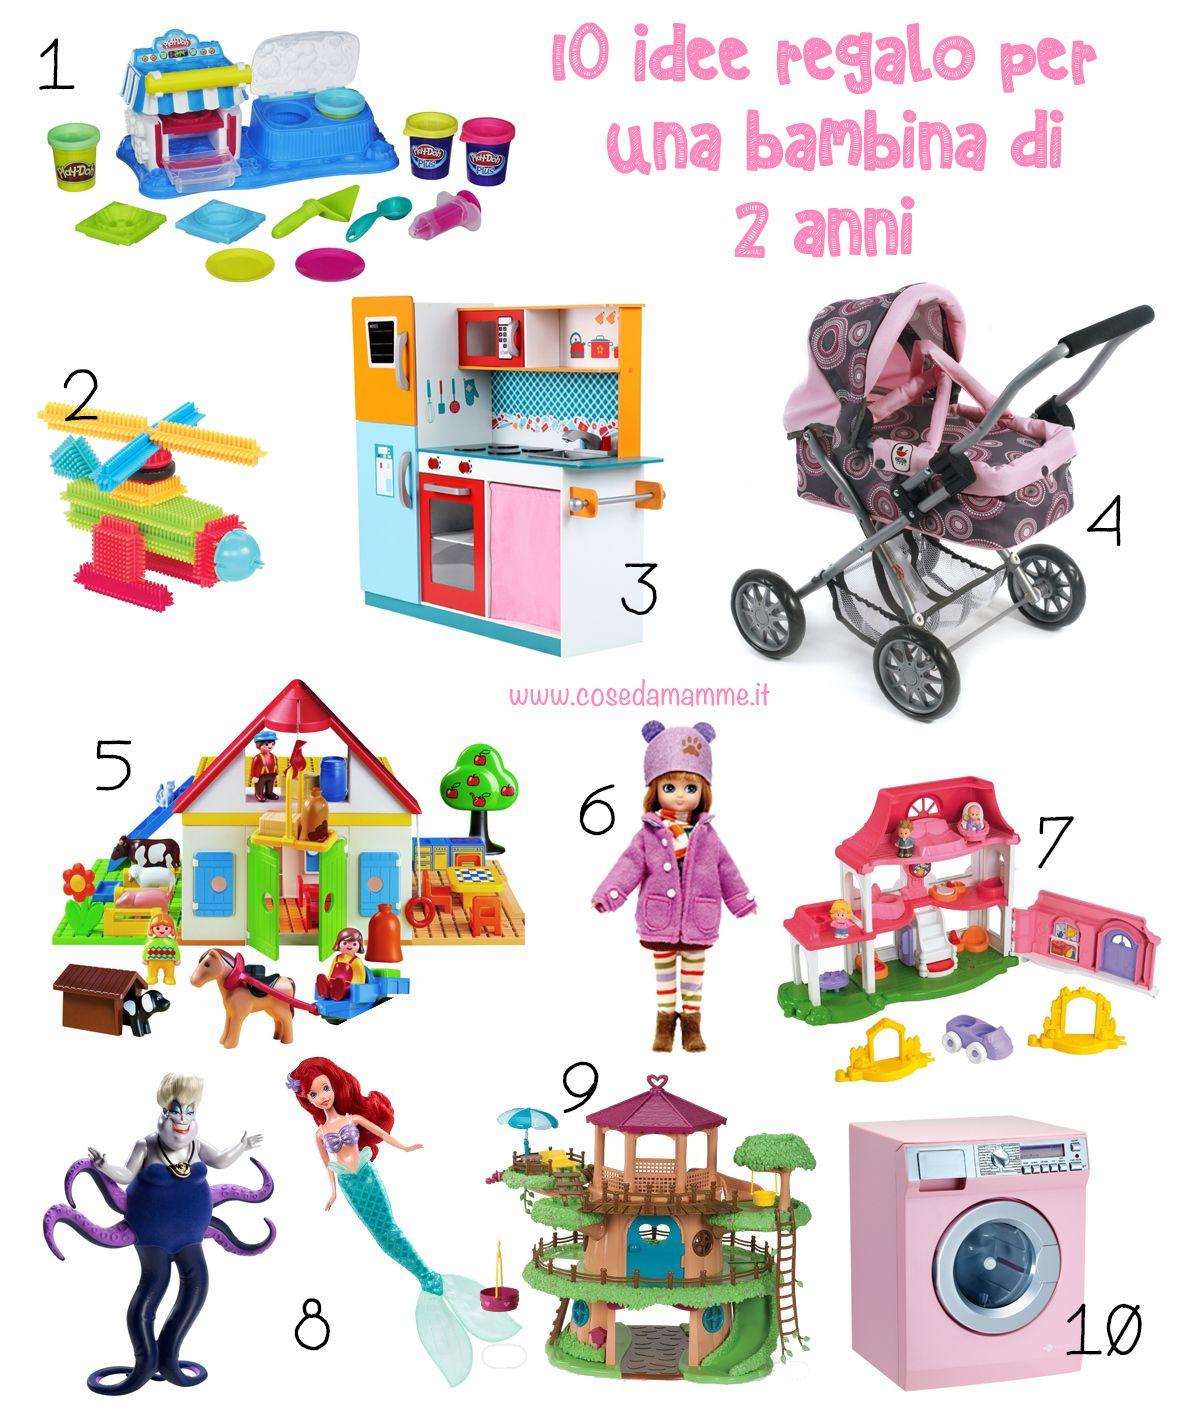 Idee Regalo Spos: Idee Regalo Per Bambina Di 2 Anni